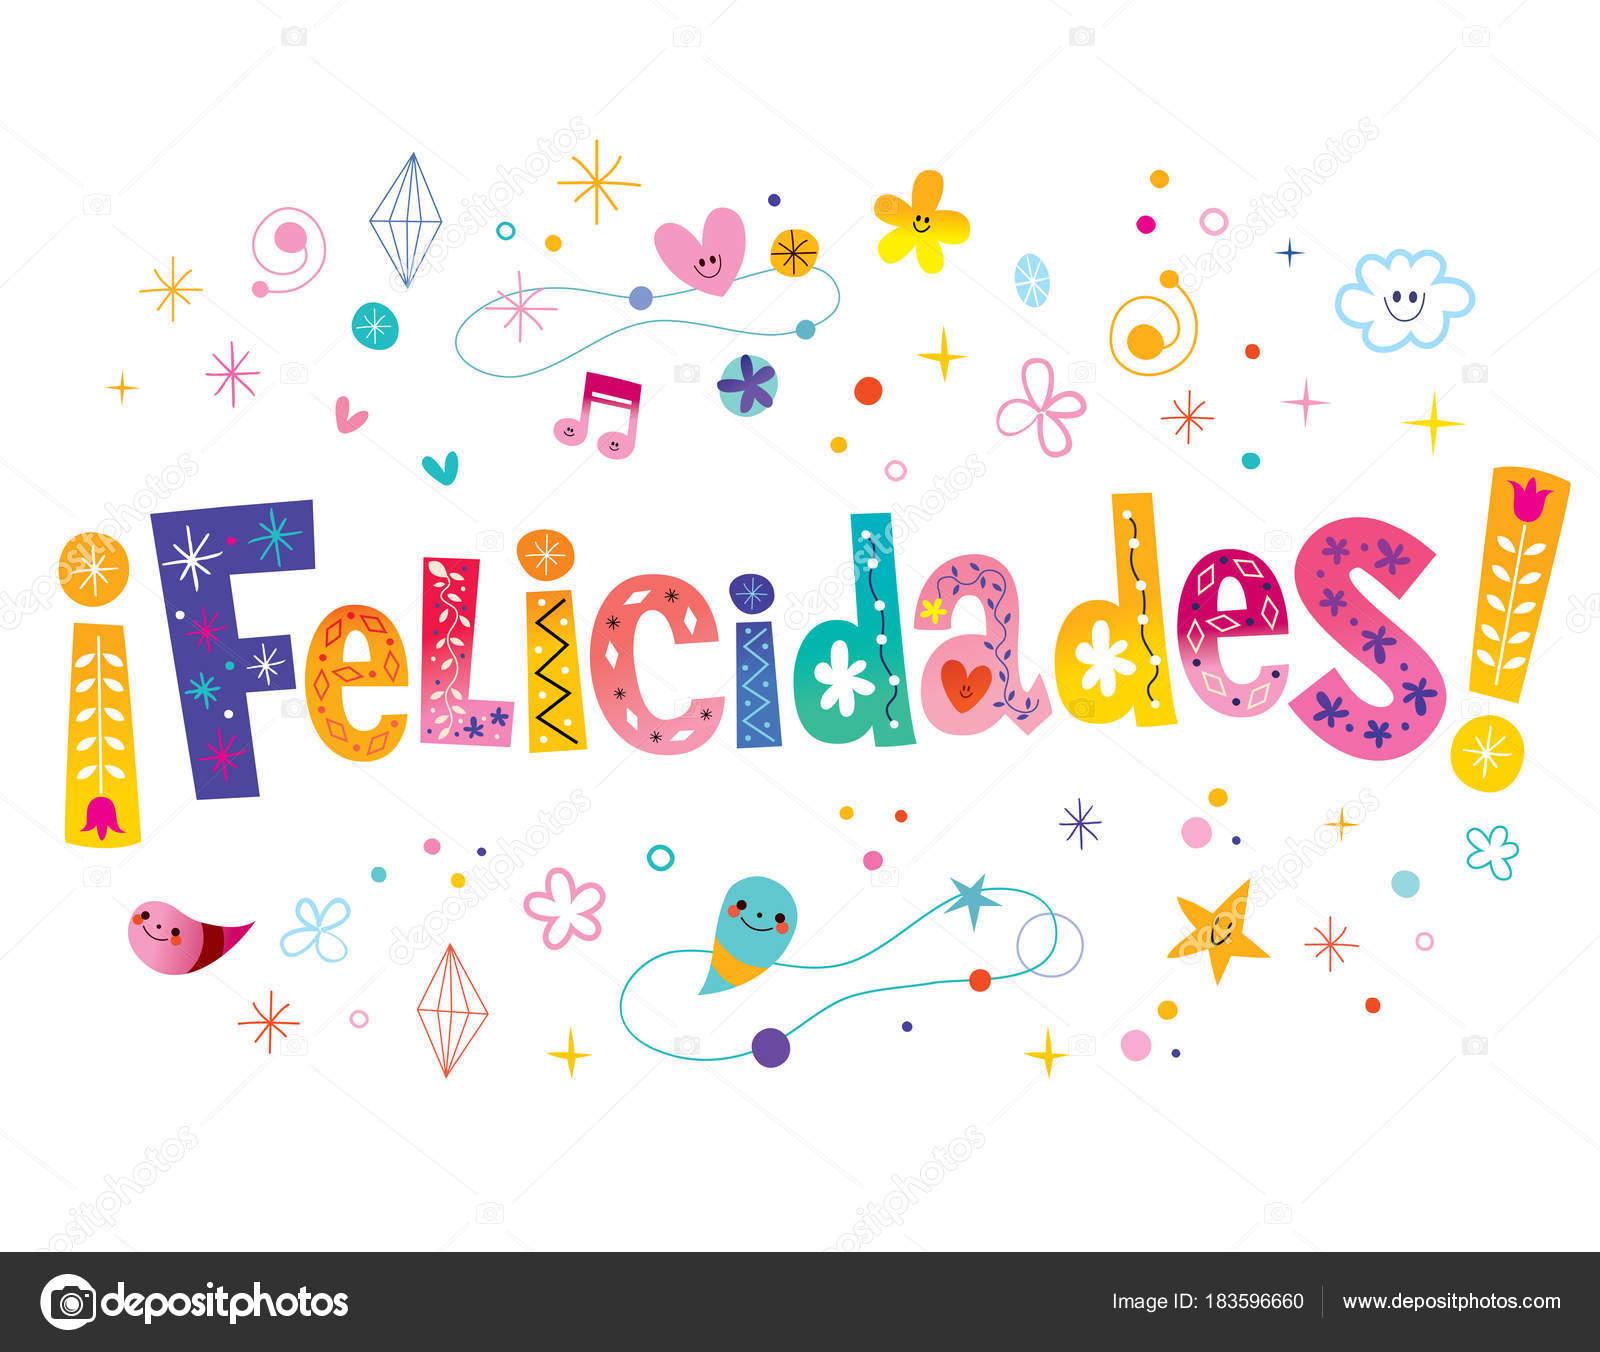 grattis spanska Felicidades Grattis Spanska — Stock Vektor © Aliasching #183596660 grattis spanska